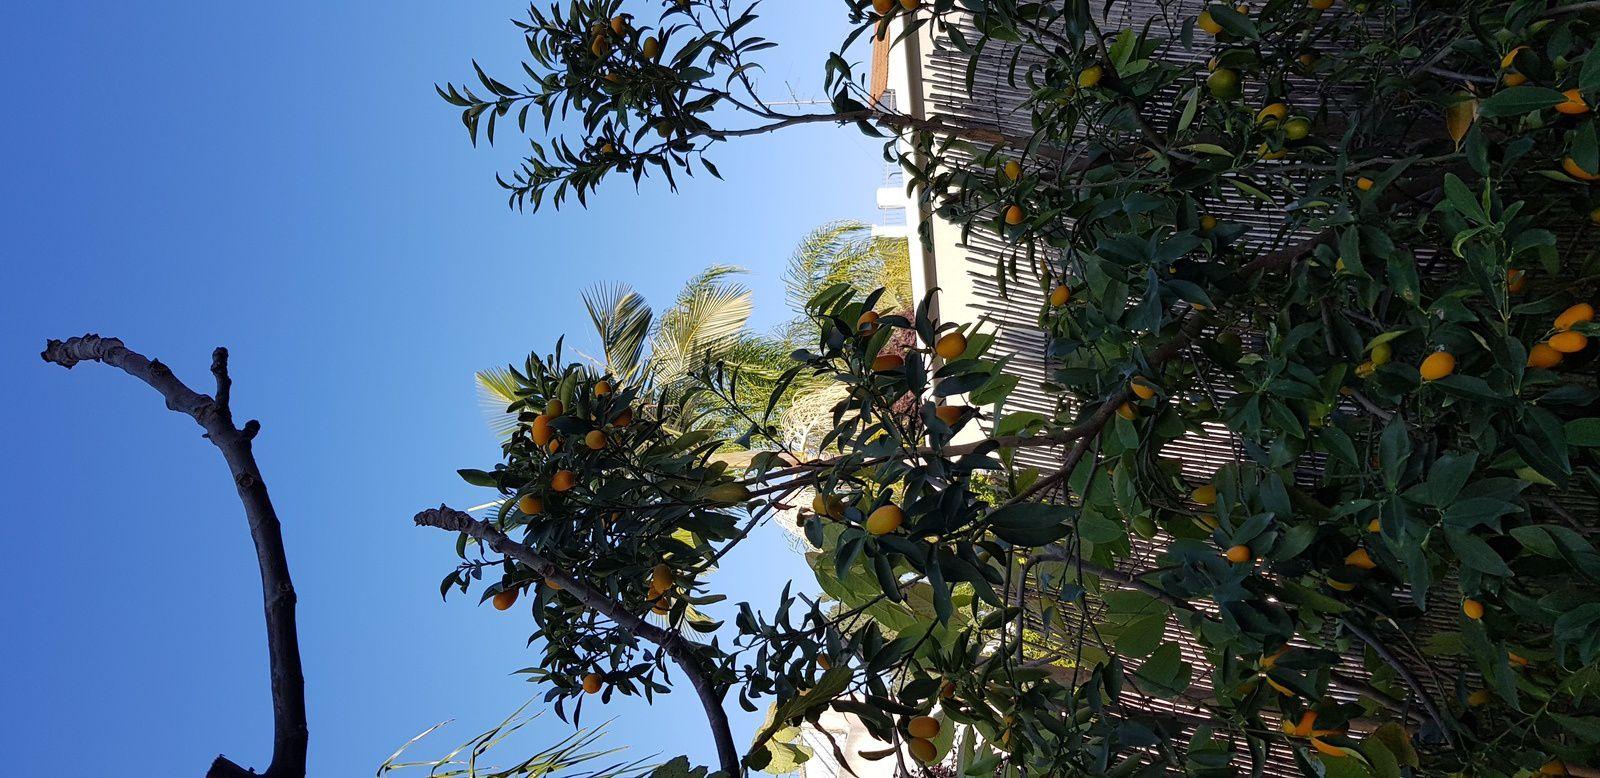 les petites boules oranges sont des kumkats!